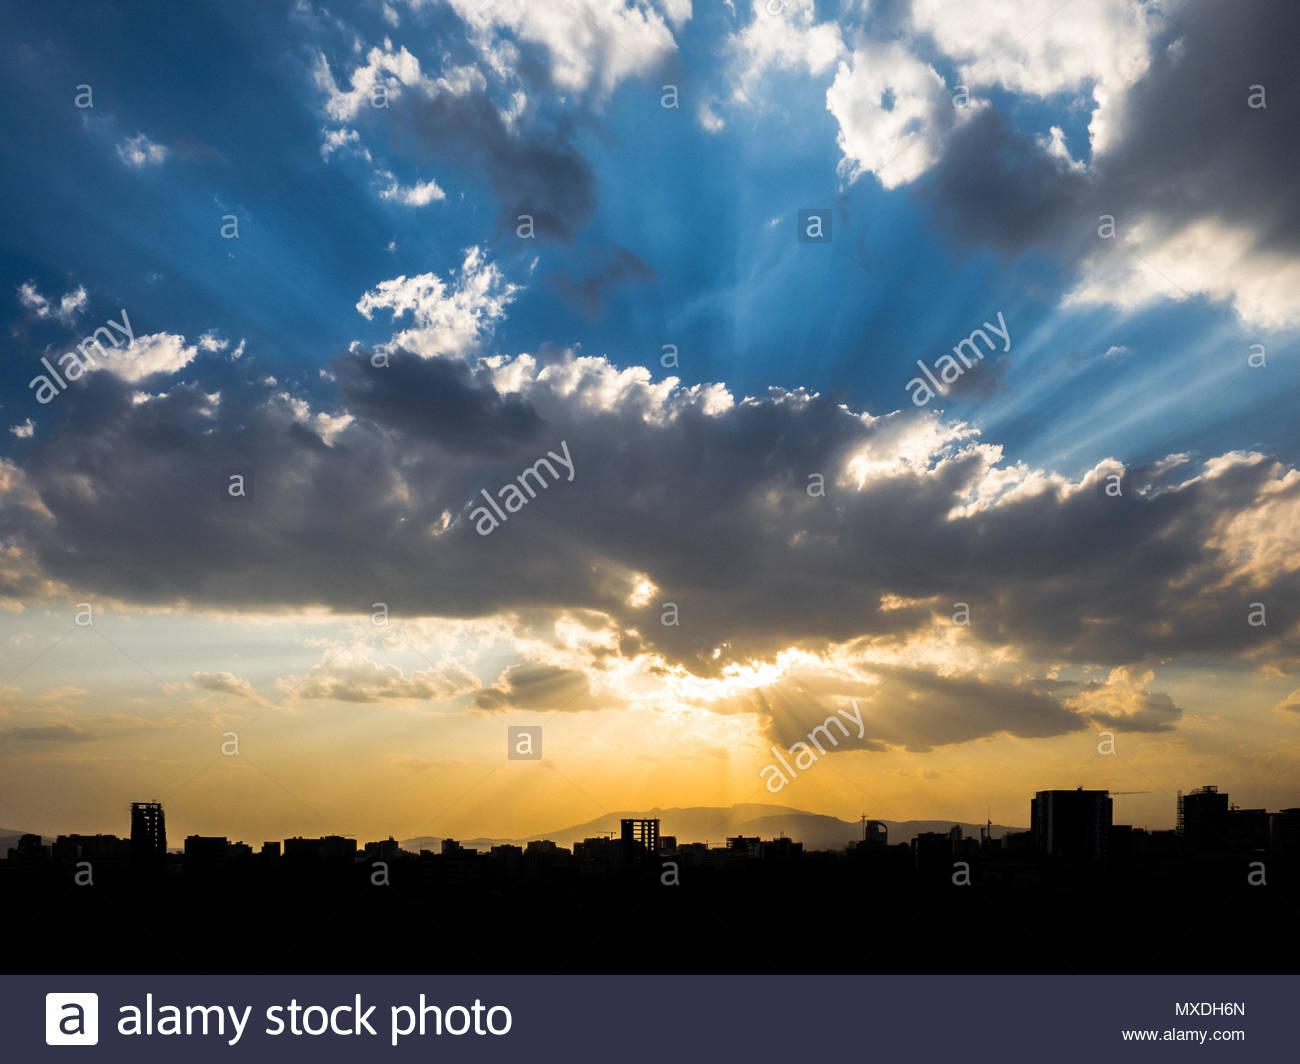 A sunburst above teh skyline of Addis Ababa, Ethiopia, at sunset. Stock Photo